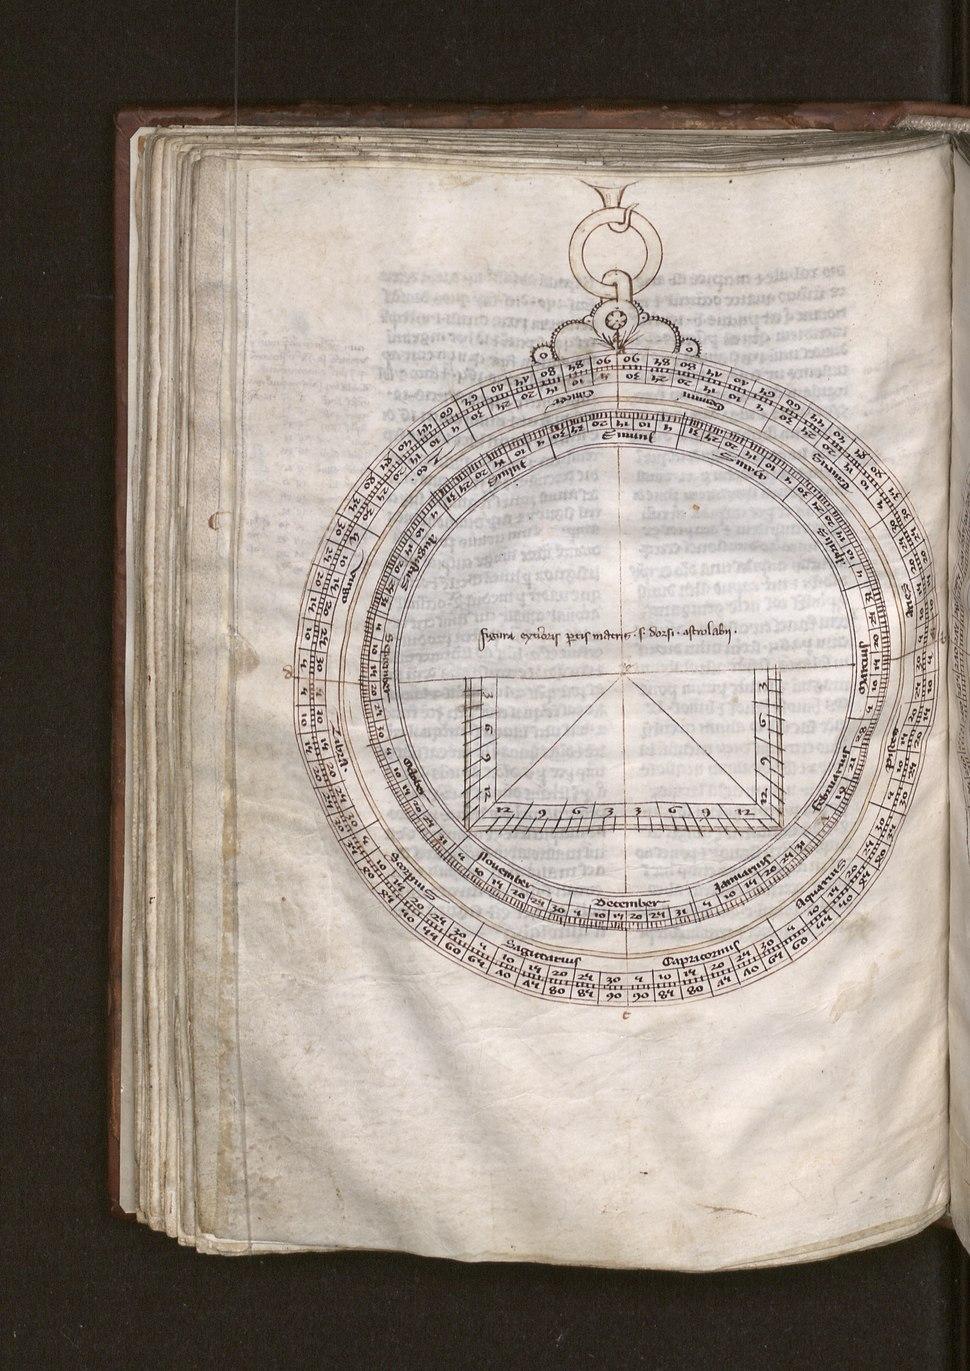 Astrolabium Masha%27allah Public Library Brugge Ms. 522